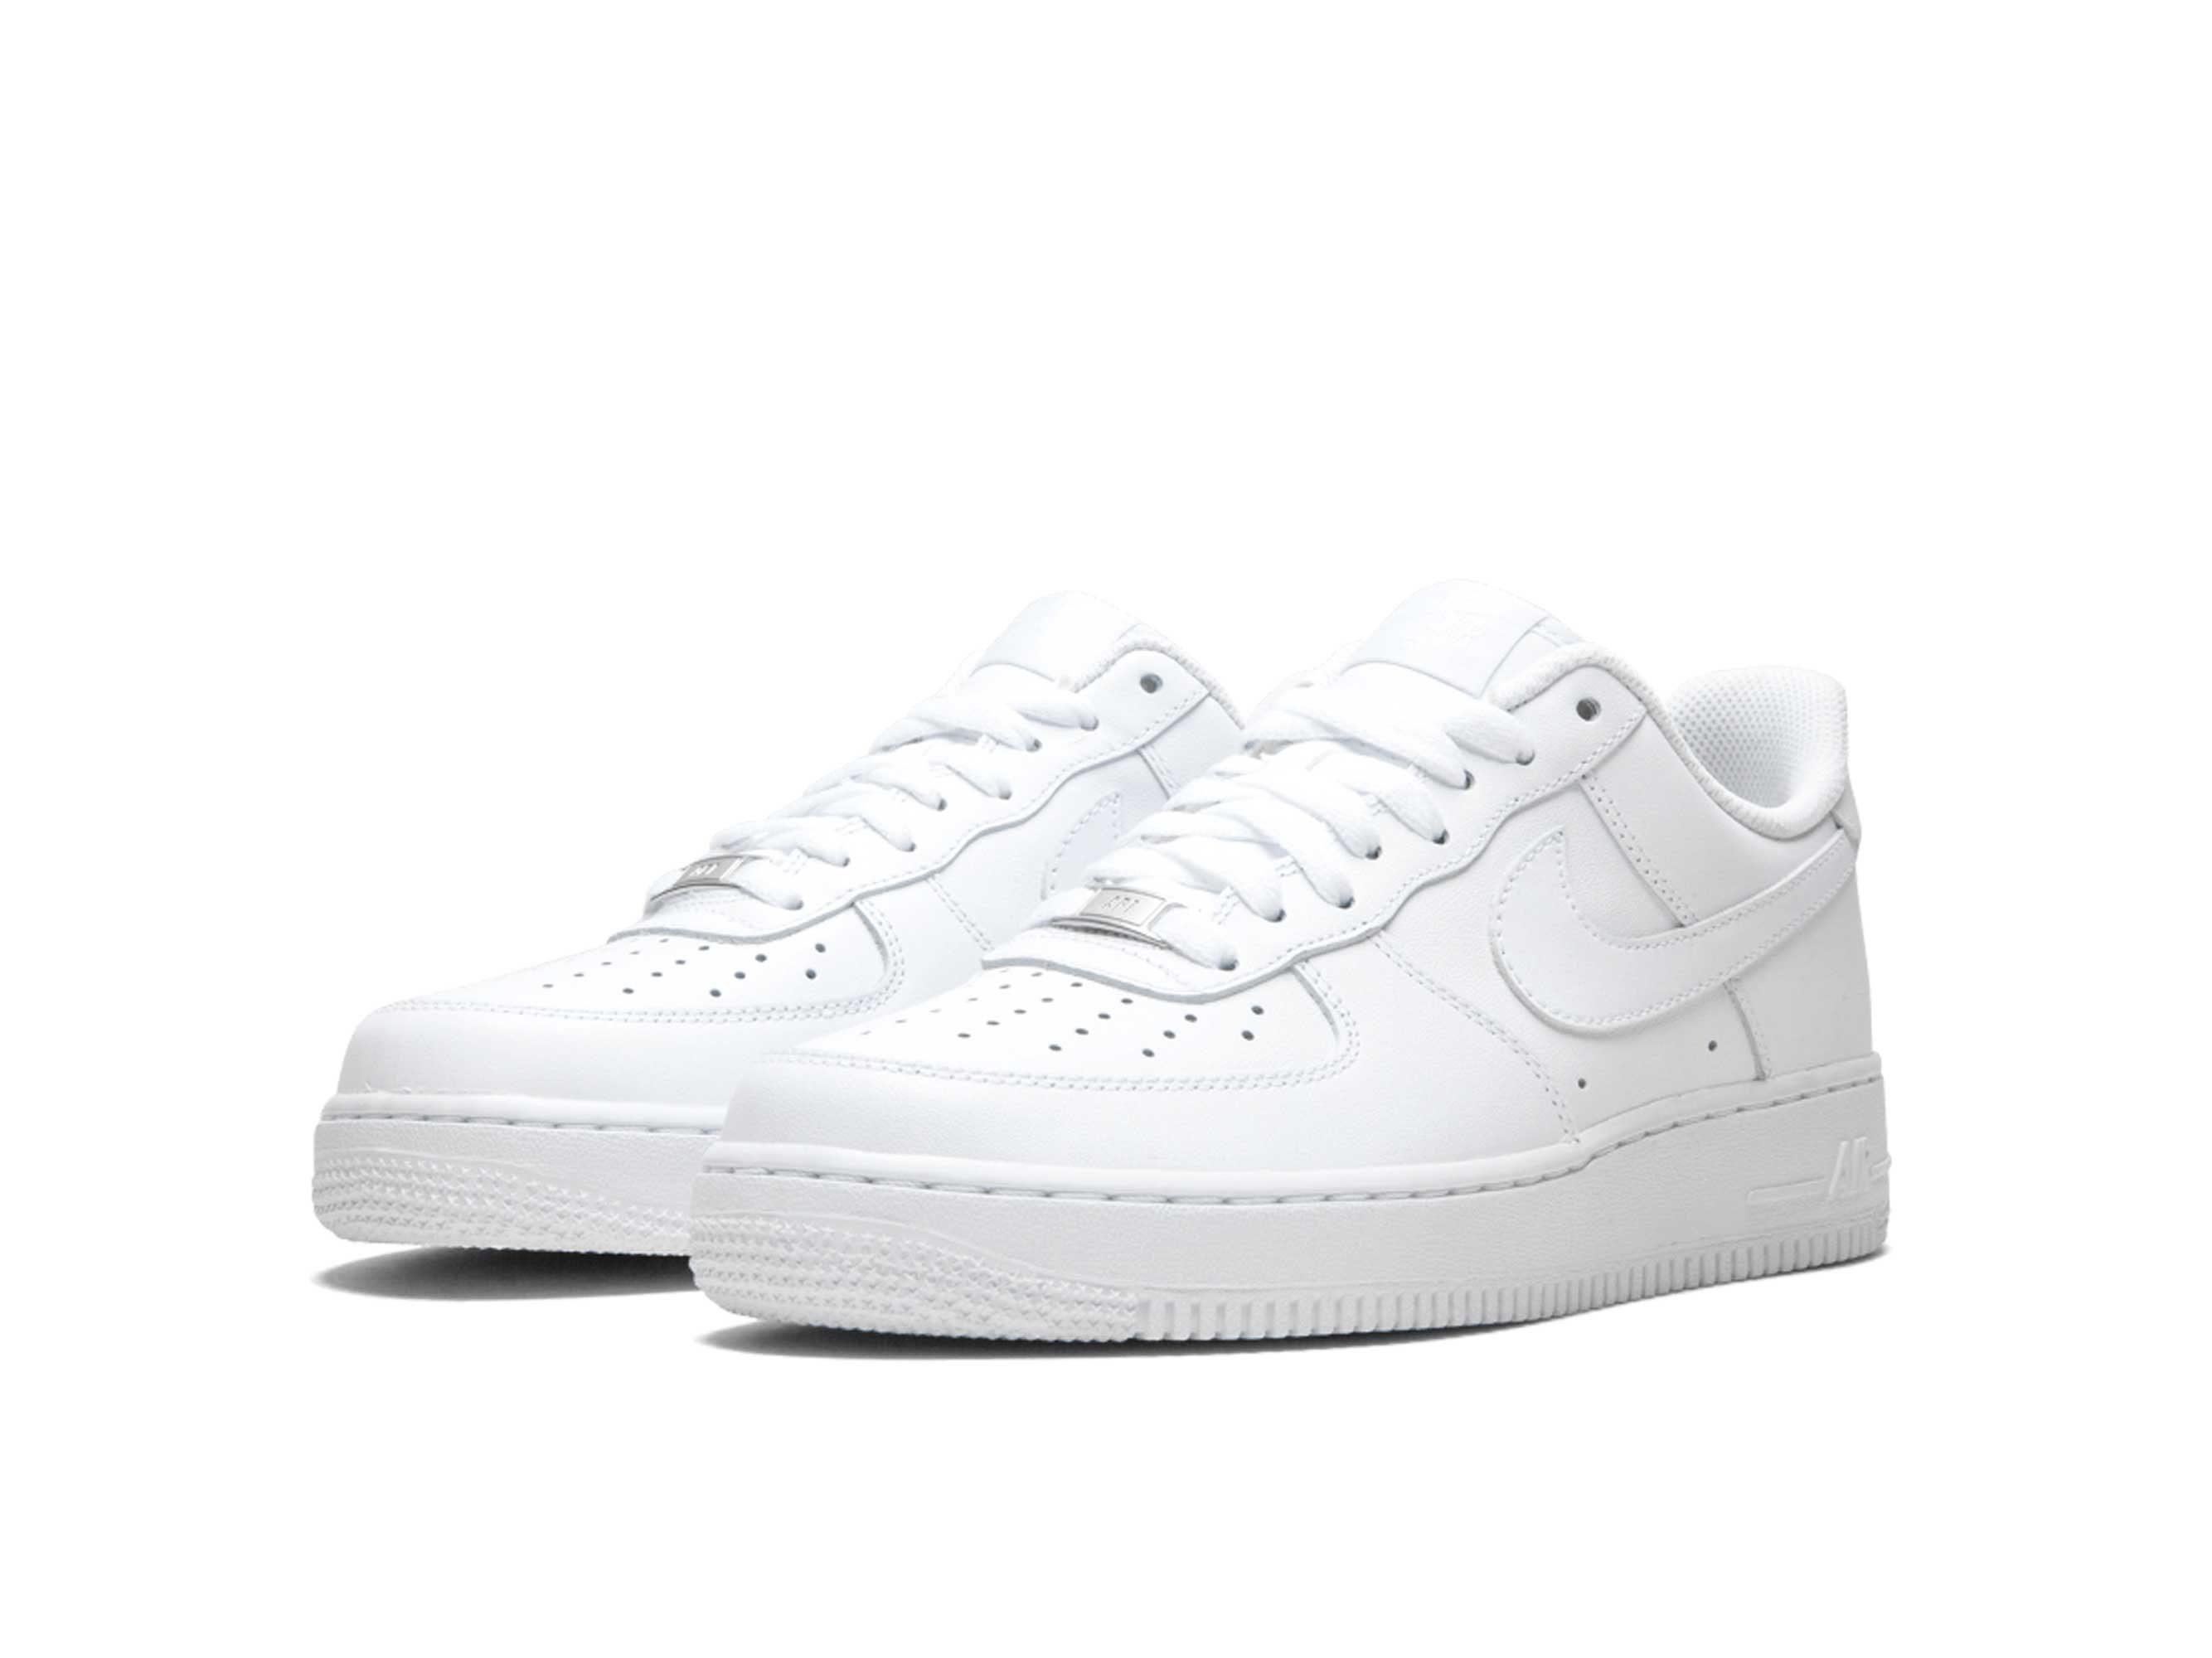 nike air force 1 '07 low white 315122_111 интернет магазин